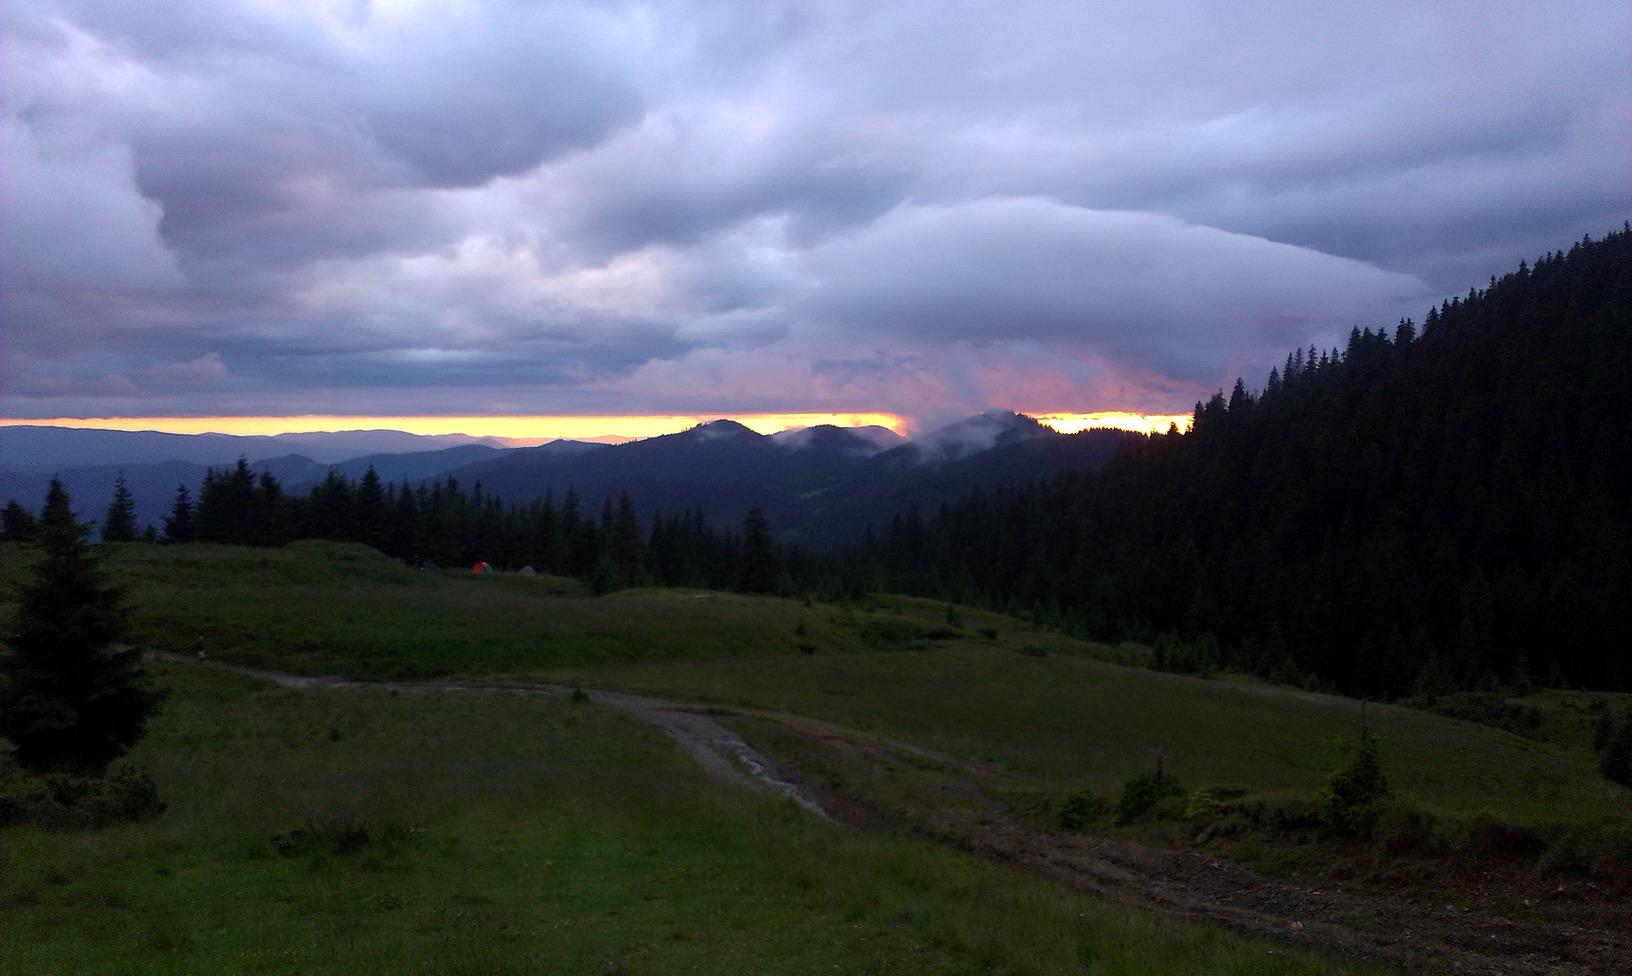 А на горизонті - неймовірний захід сонця. Знизу його не видно